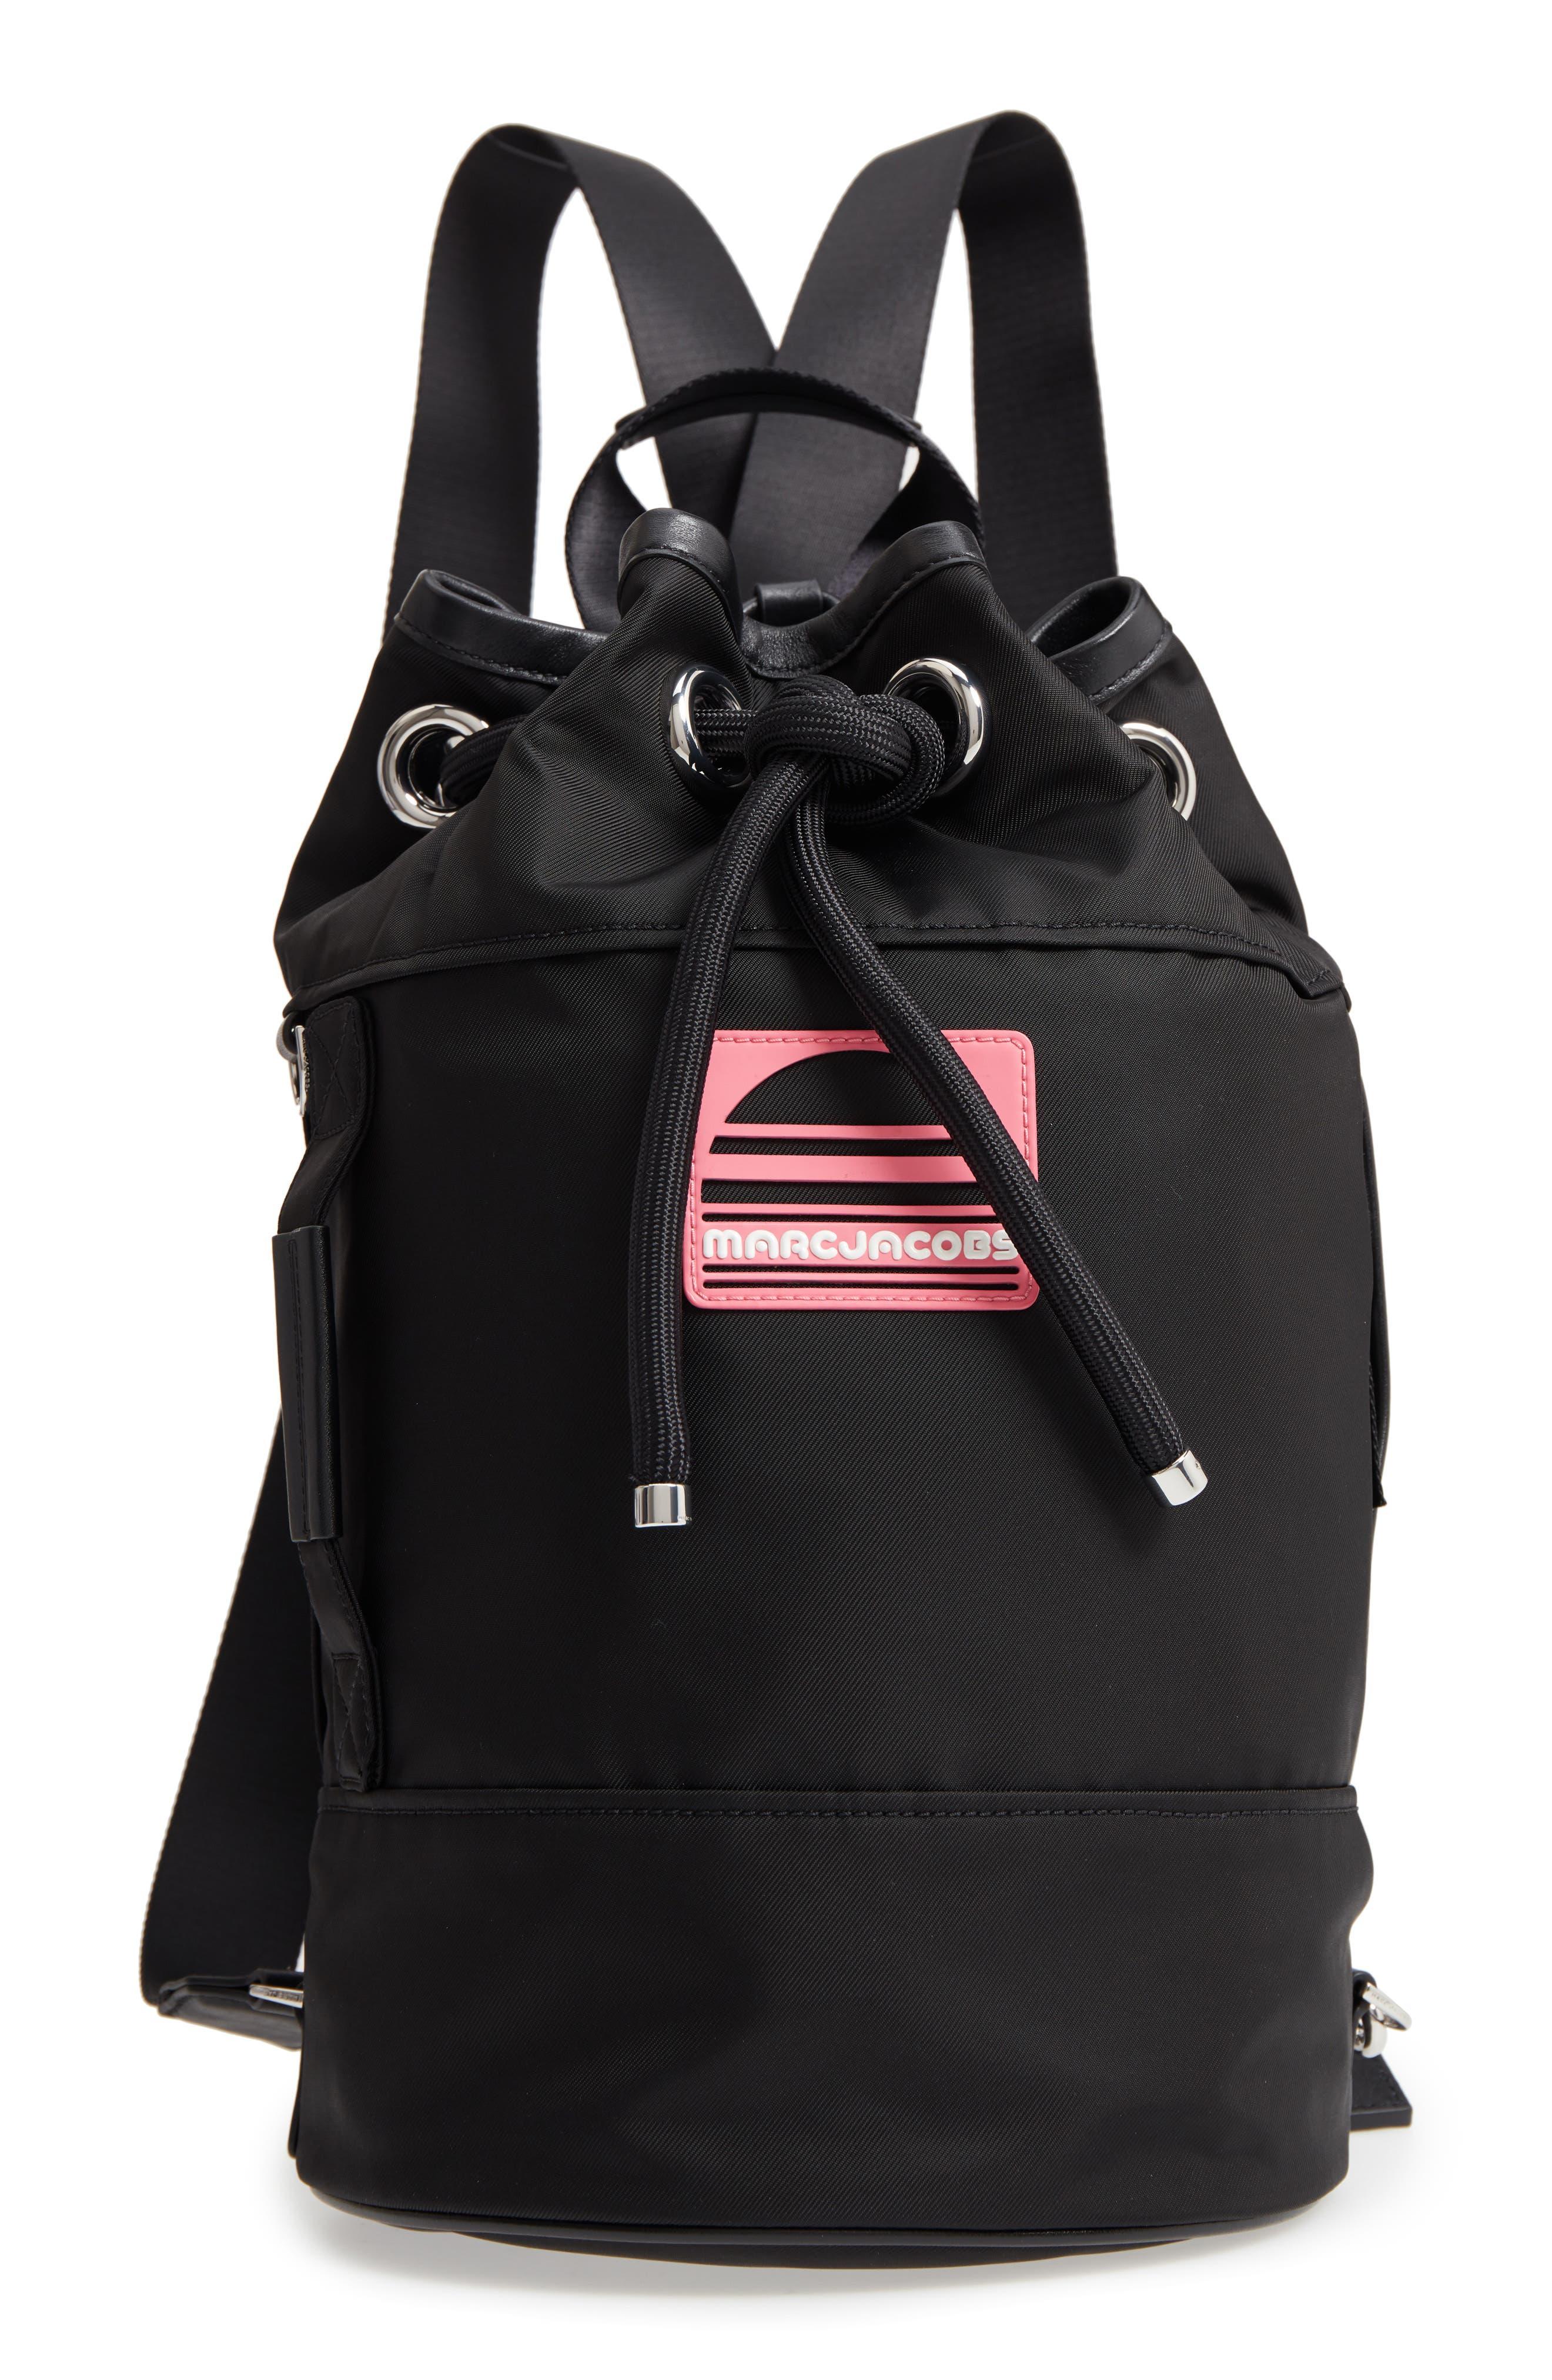 Nylon Sport Sling Bag,                             Main thumbnail 1, color,                             BLACK